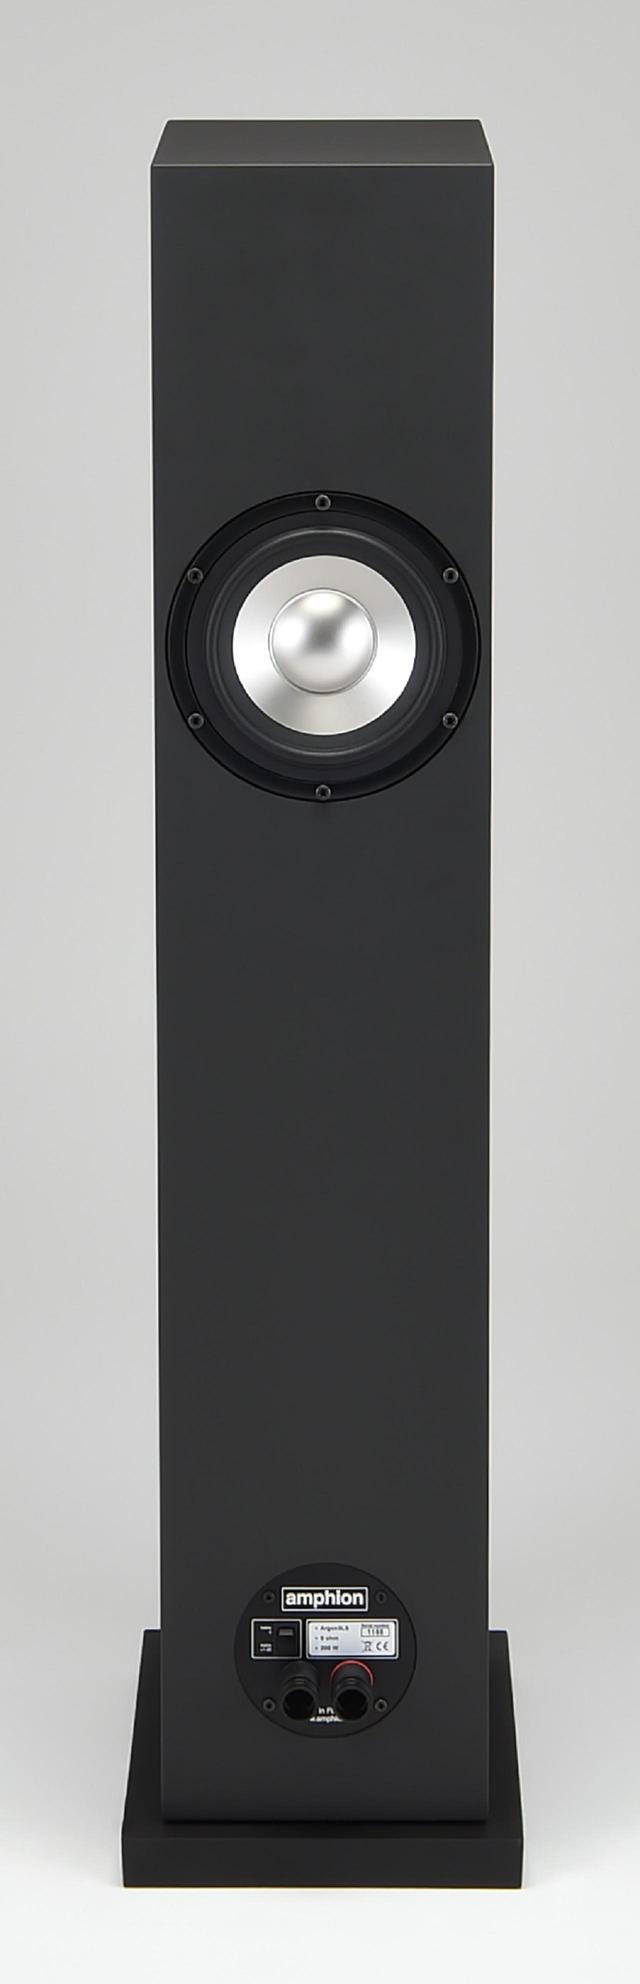 画像: ←Argon3S、Argon3LSともに本体裏側にパッシブラジエーターを搭載。Argonシリーズでは、3S以上のモデルにパッシブラジエーターが導入されている